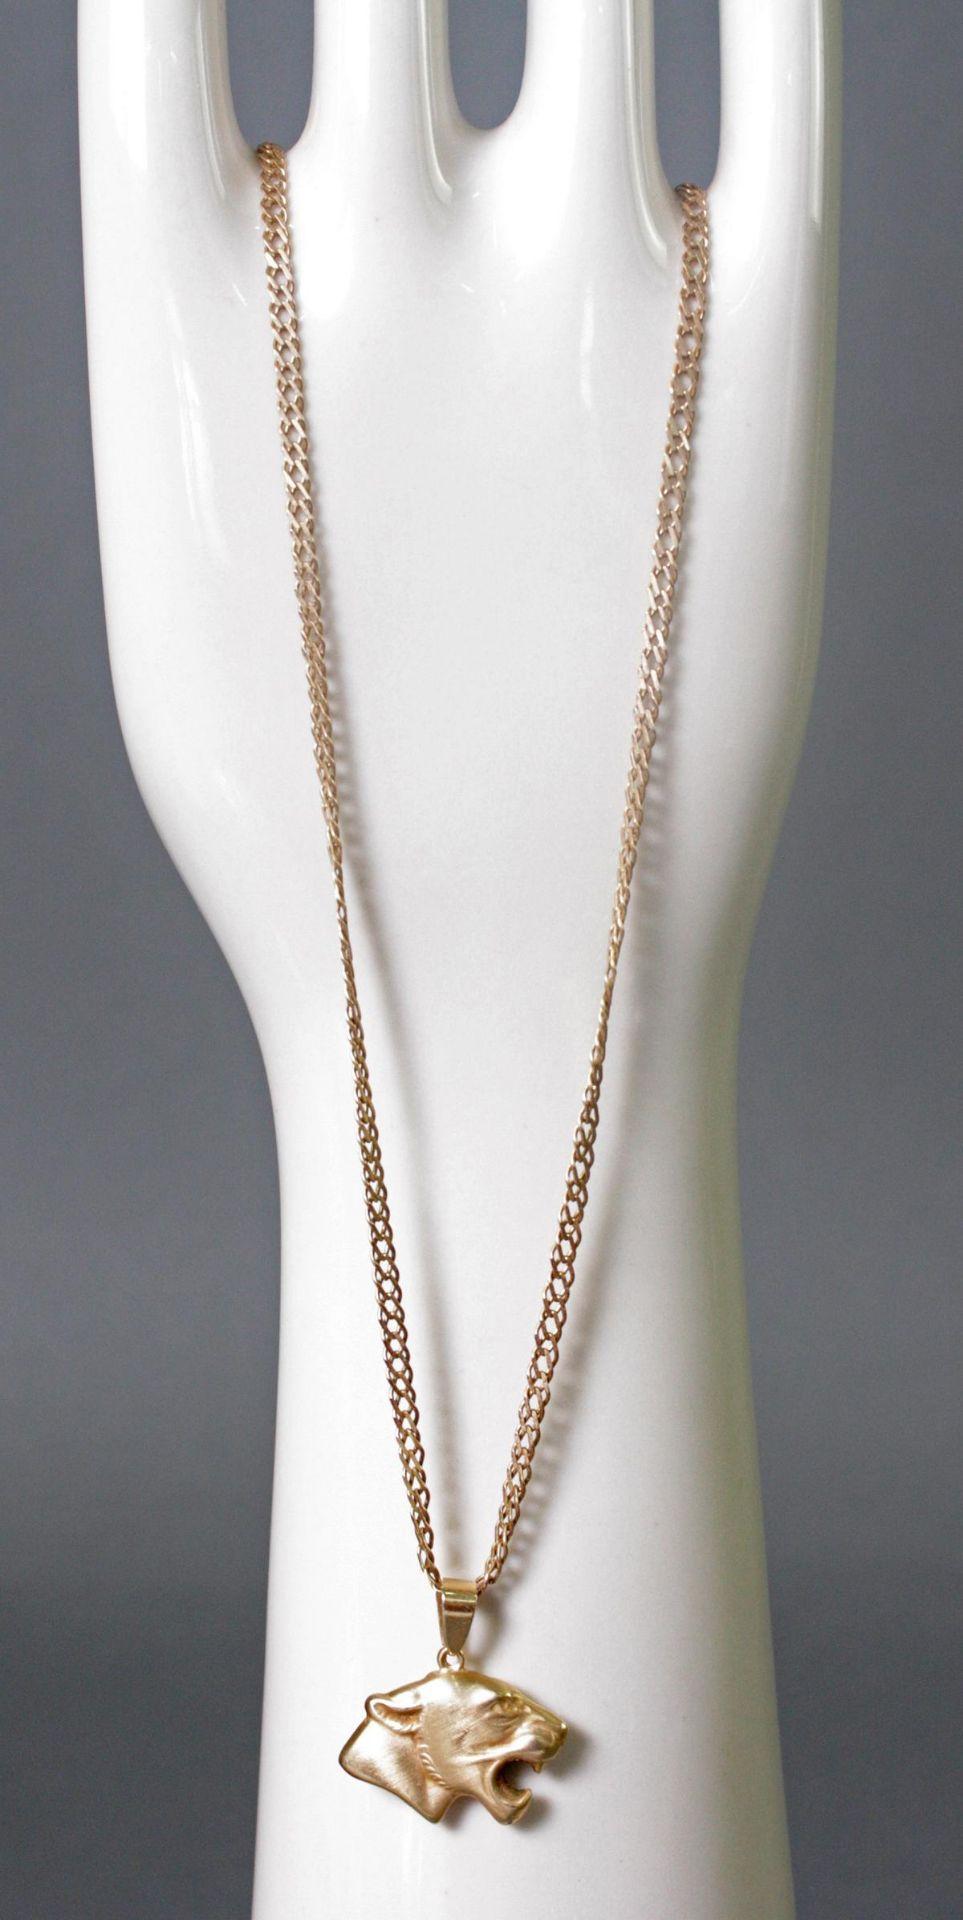 Halskette aus 8 Karat Gelbgold mit Tigeranhänger aus 14 Karat Gelbgold